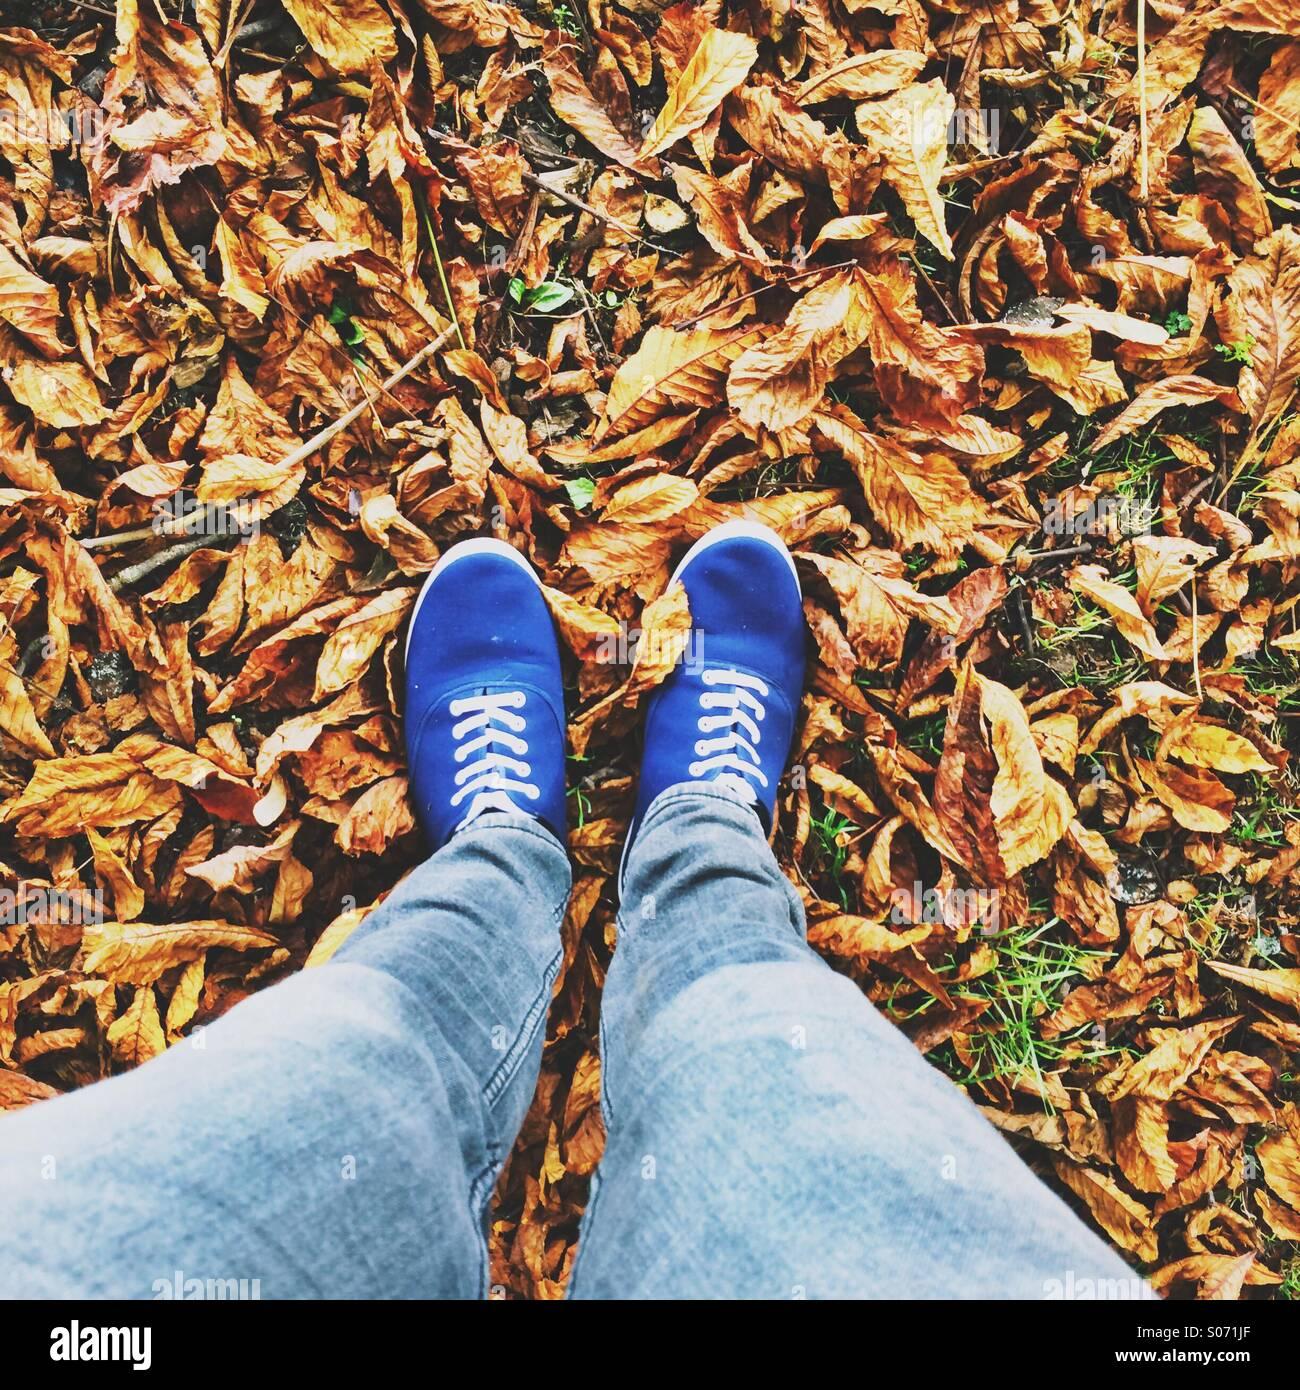 Zu Fuß Füße auf gefallenen Herbst Blätter Stockbild